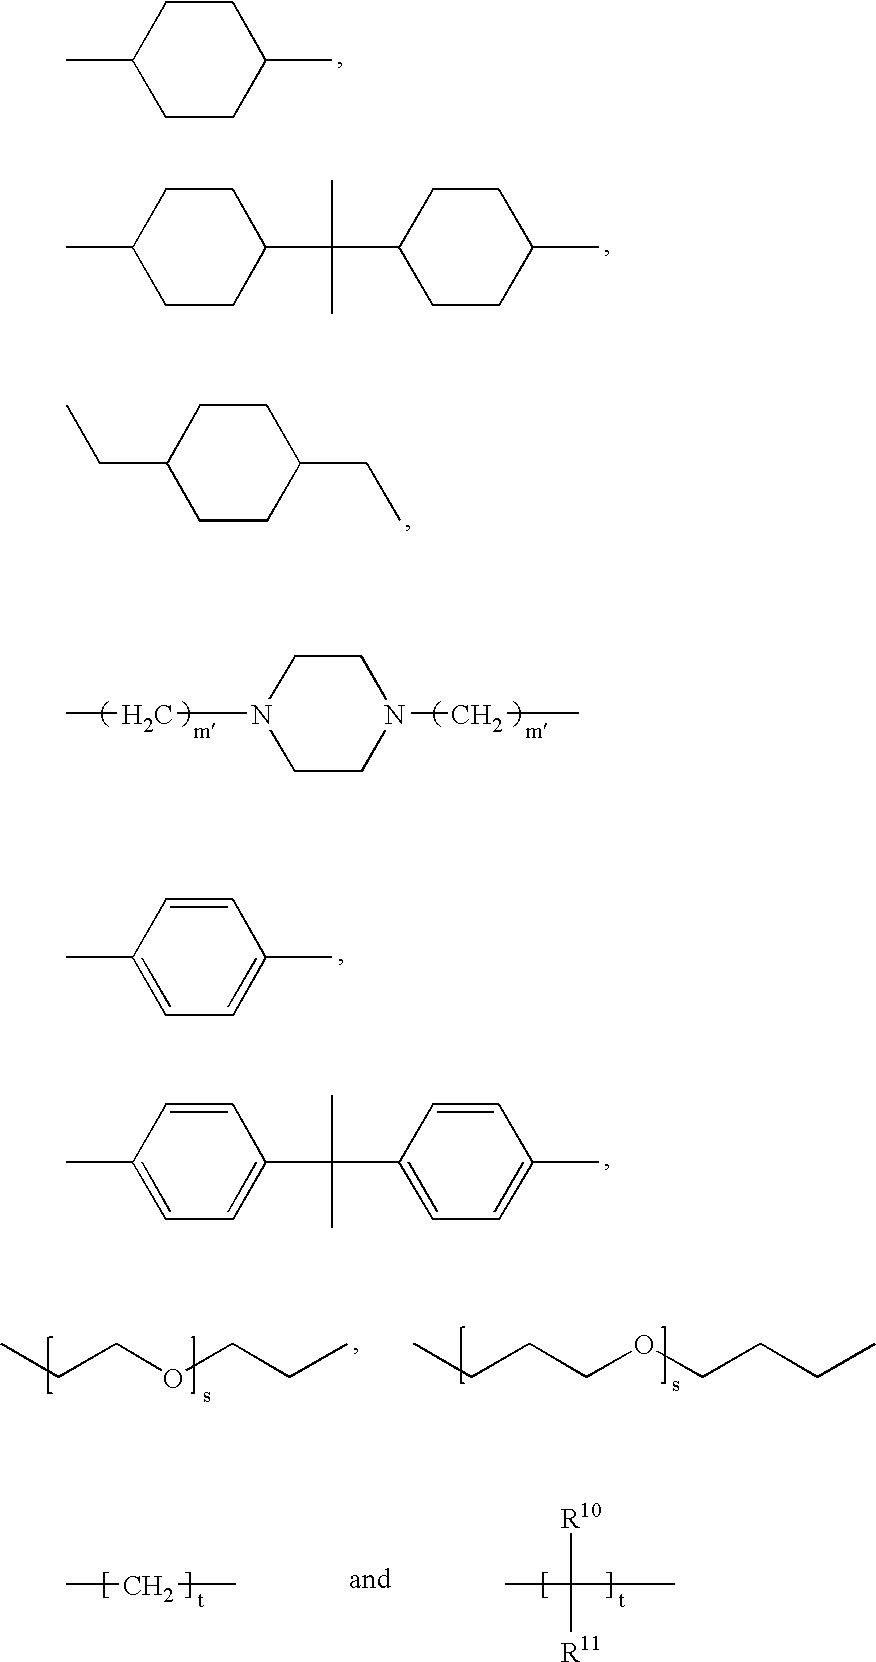 Figure US20060235084A1-20061019-C00035